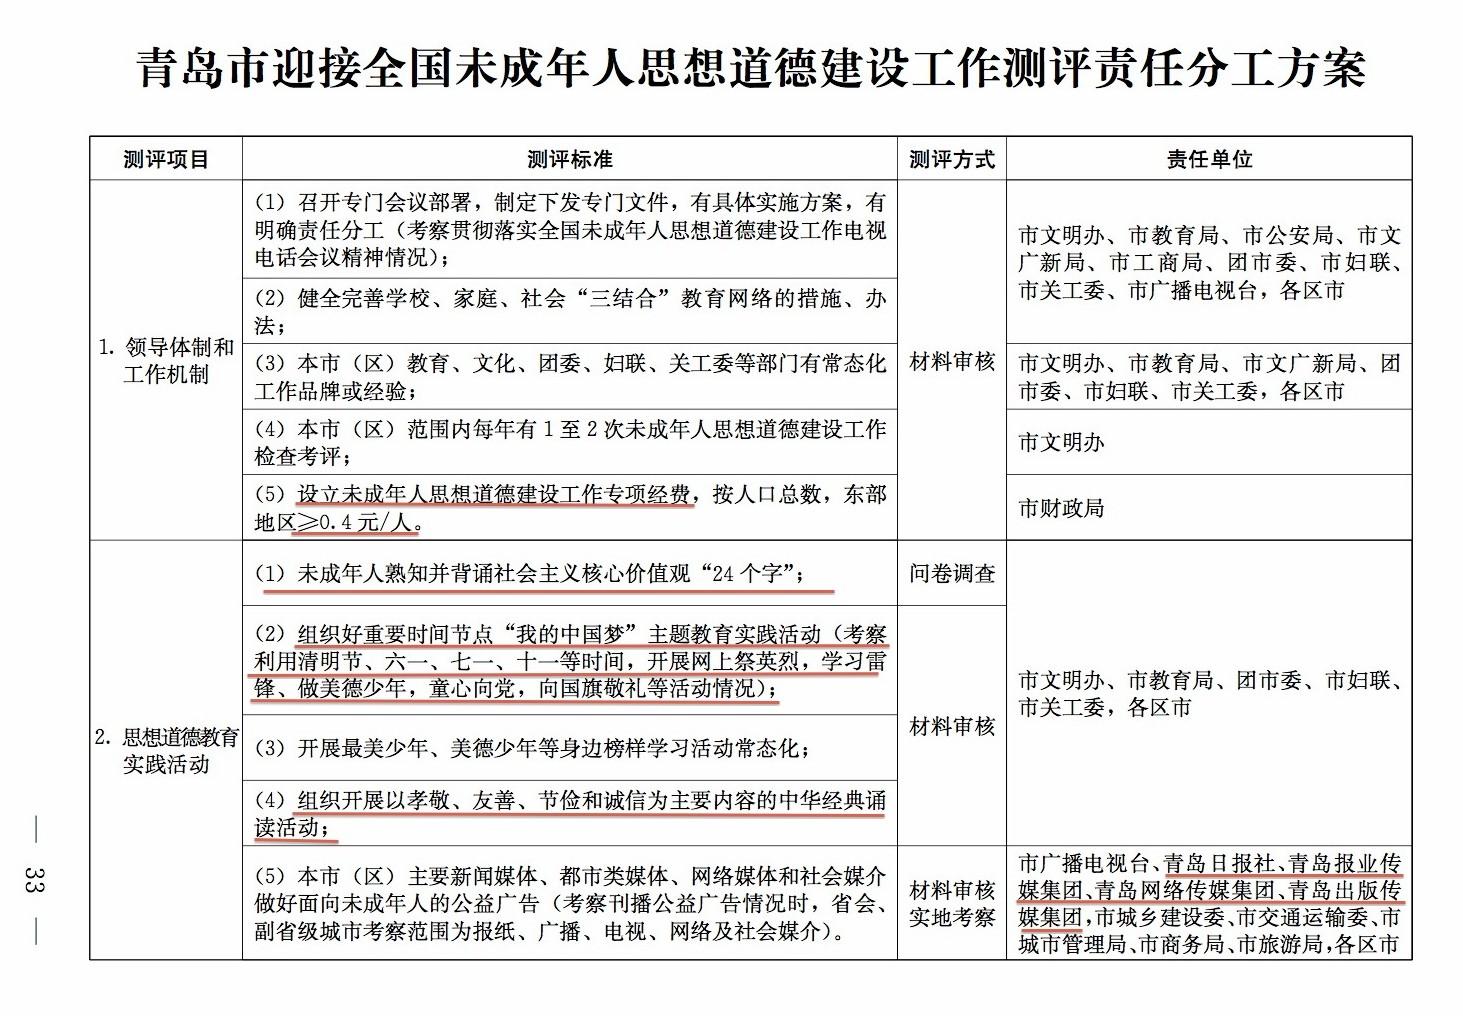 青岛市未成年人思想道德建设工作测评分工1